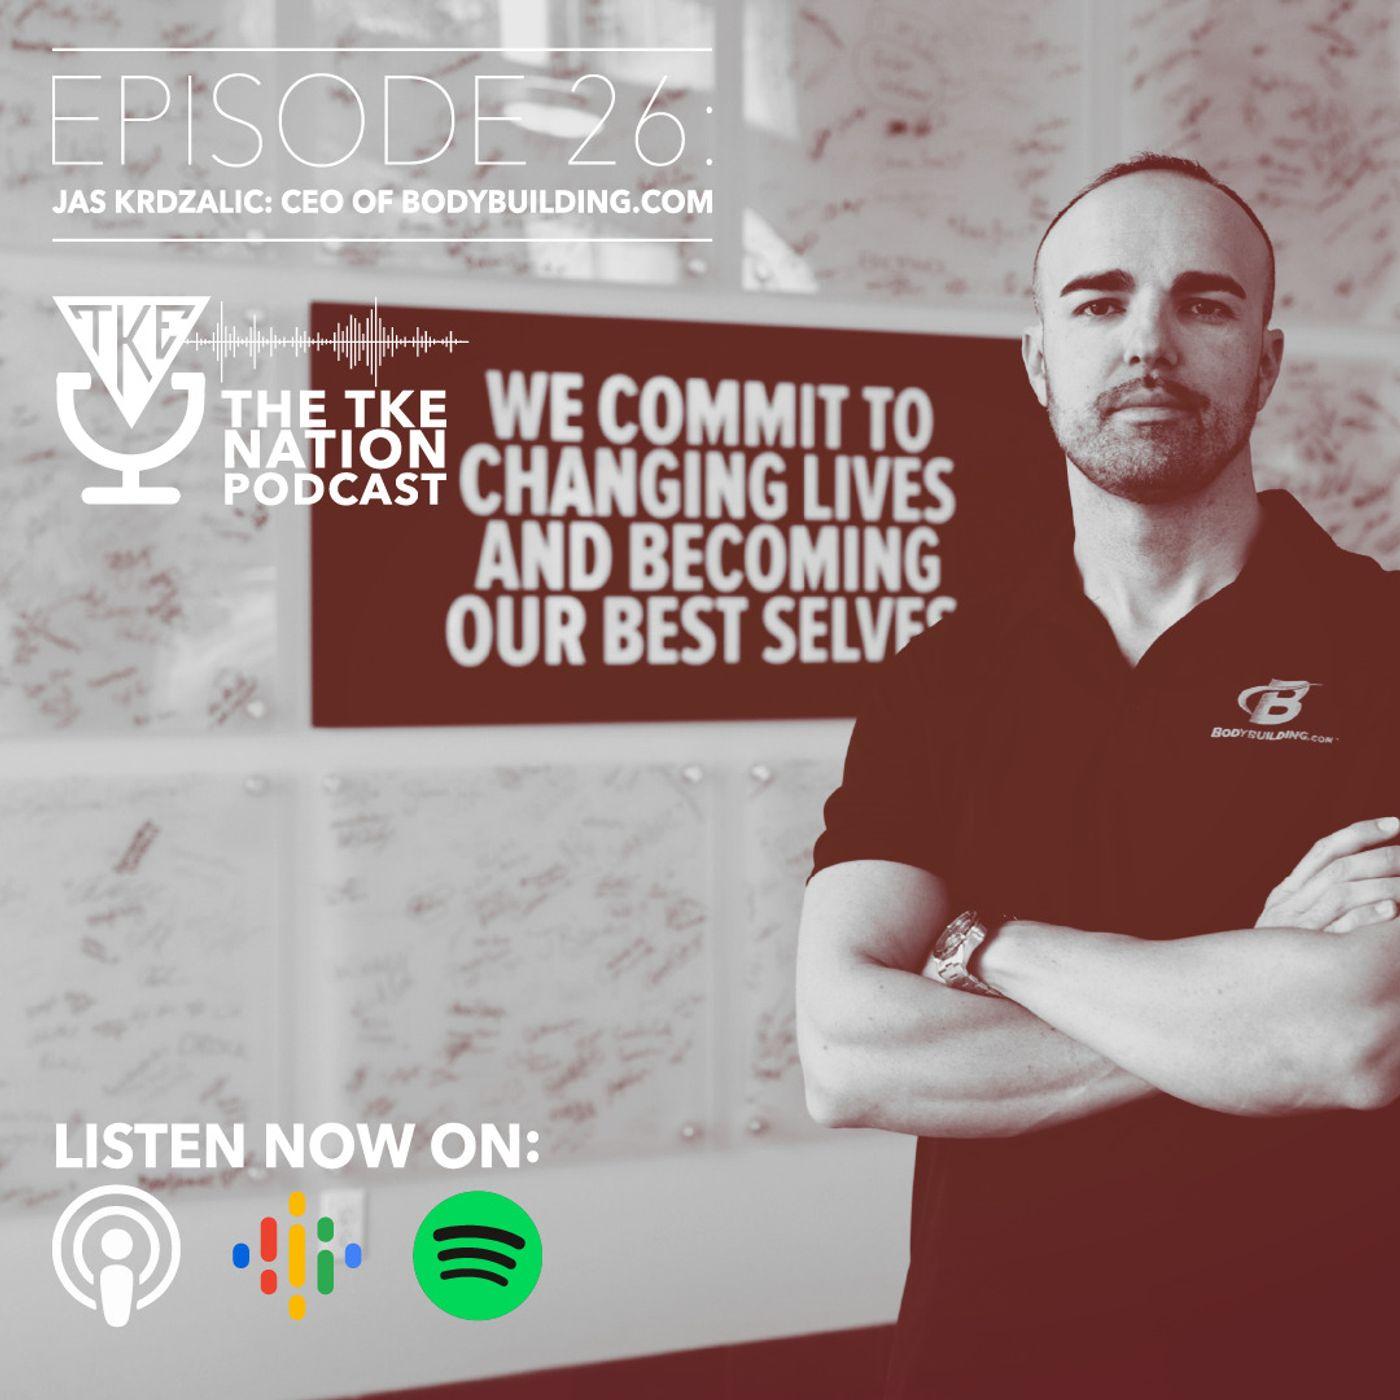 Jas Krdzalic: CEO of BodyBuilding.com